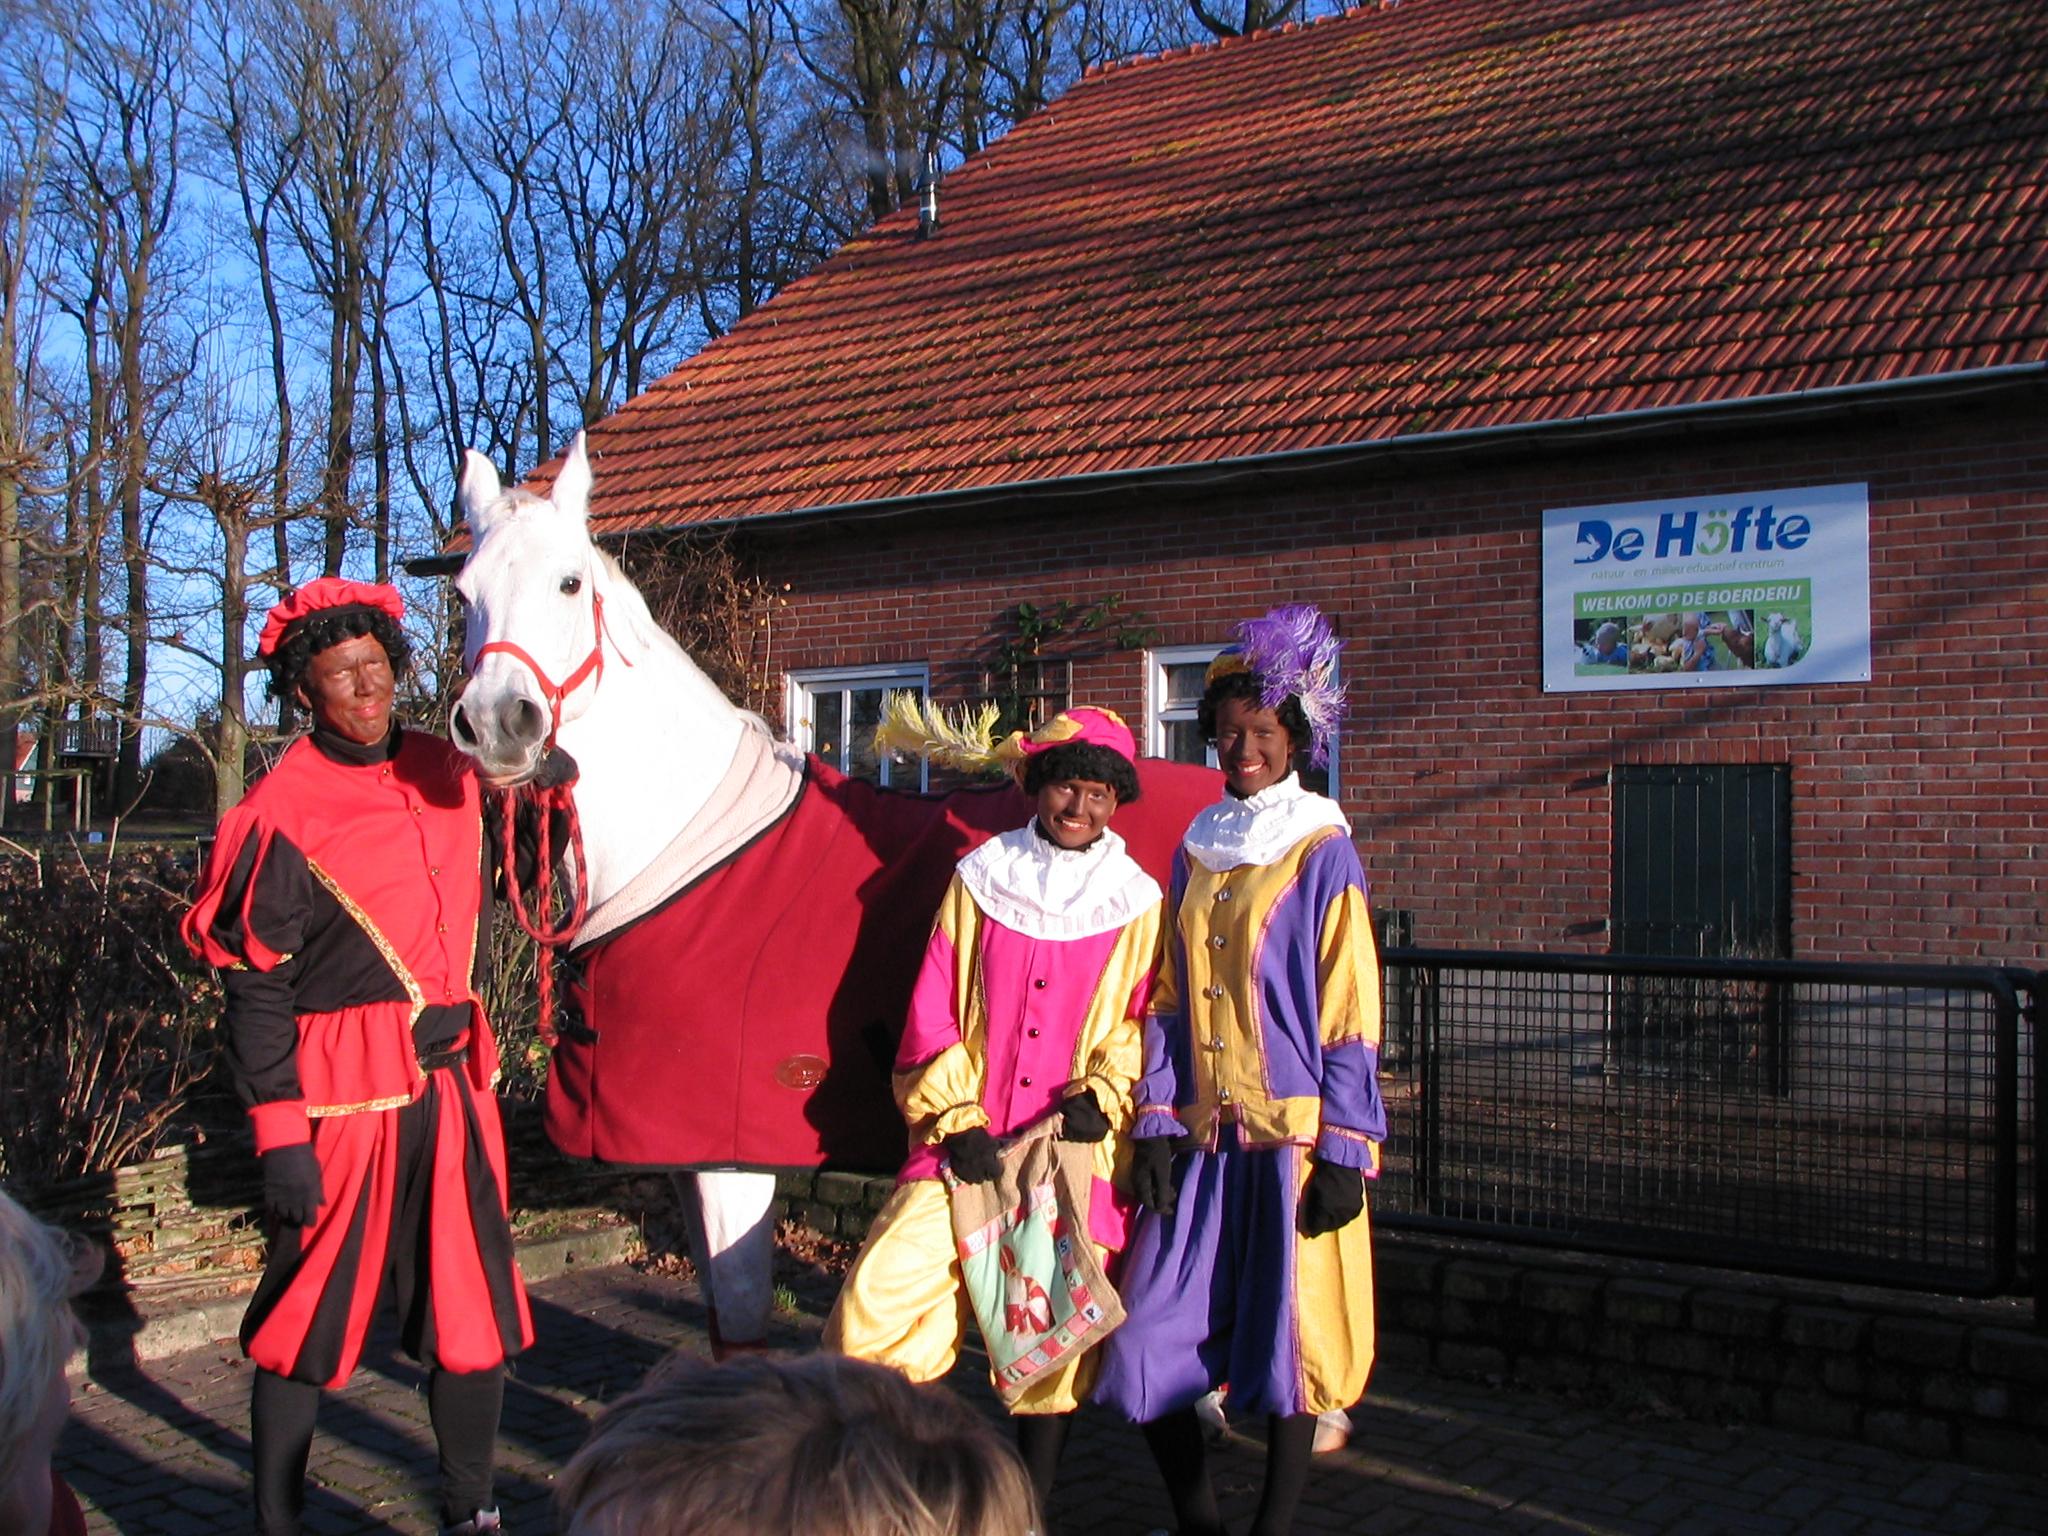 Paard Van Sinterklaas Logeert Op De H 246 Fte De H 246 Fte